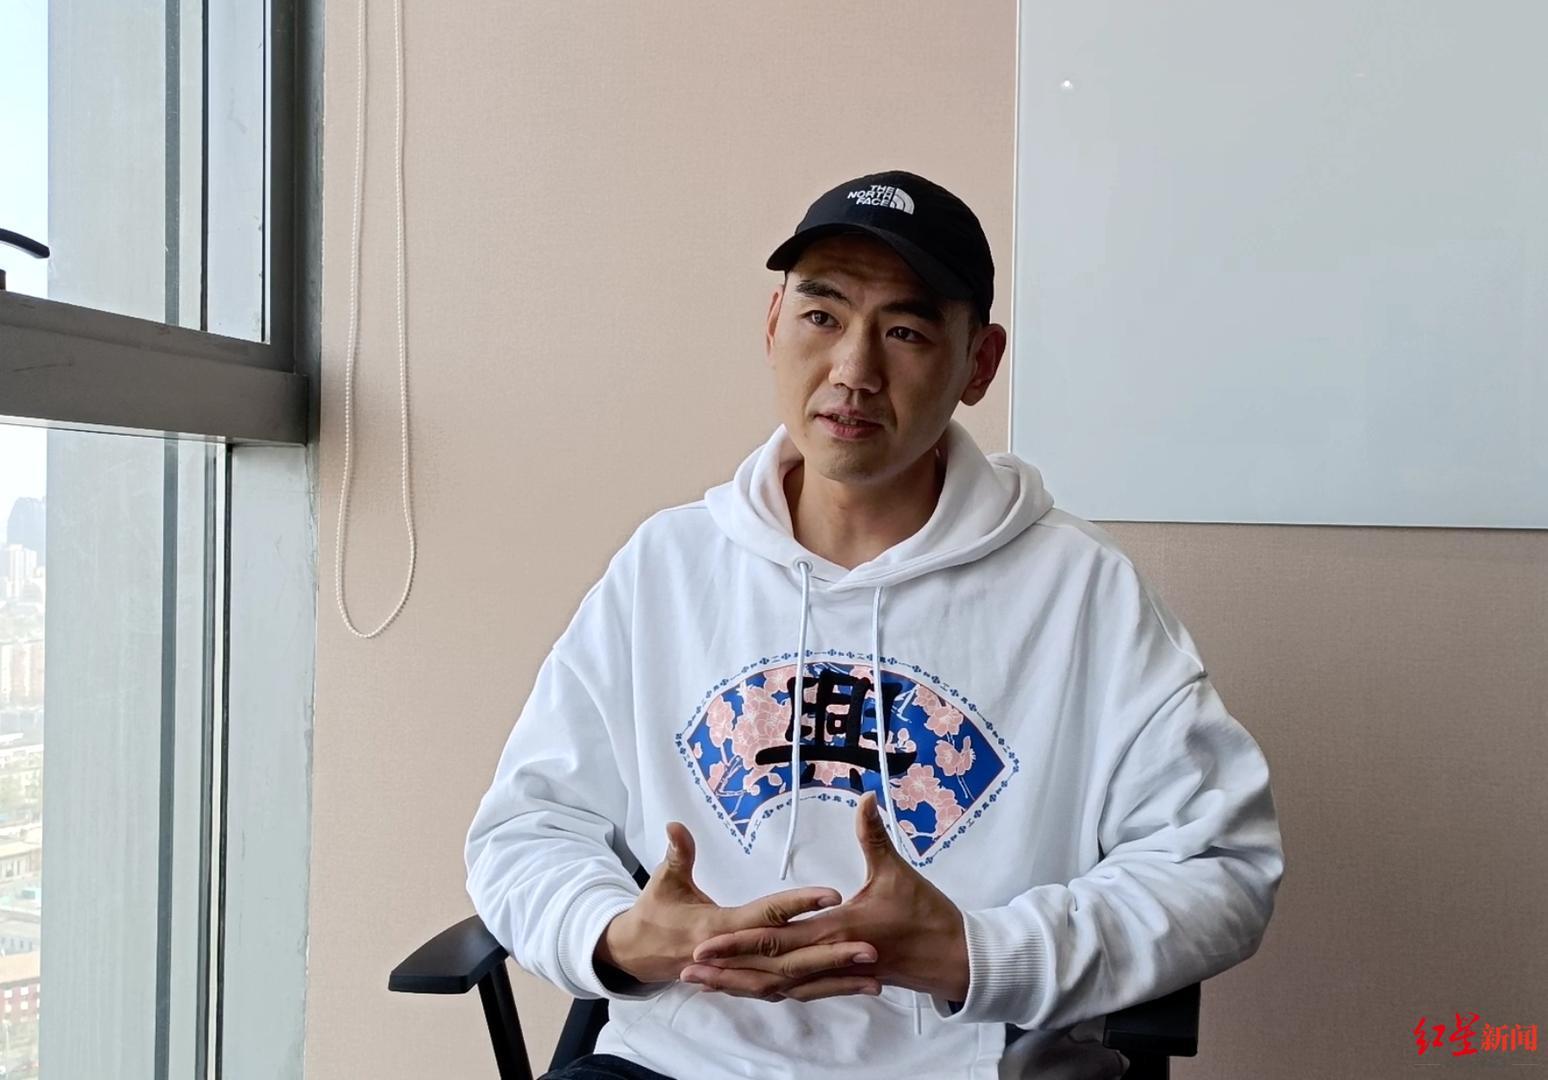 张志超提交控告书请求追责12人:不仅为自己,希望天下无冤